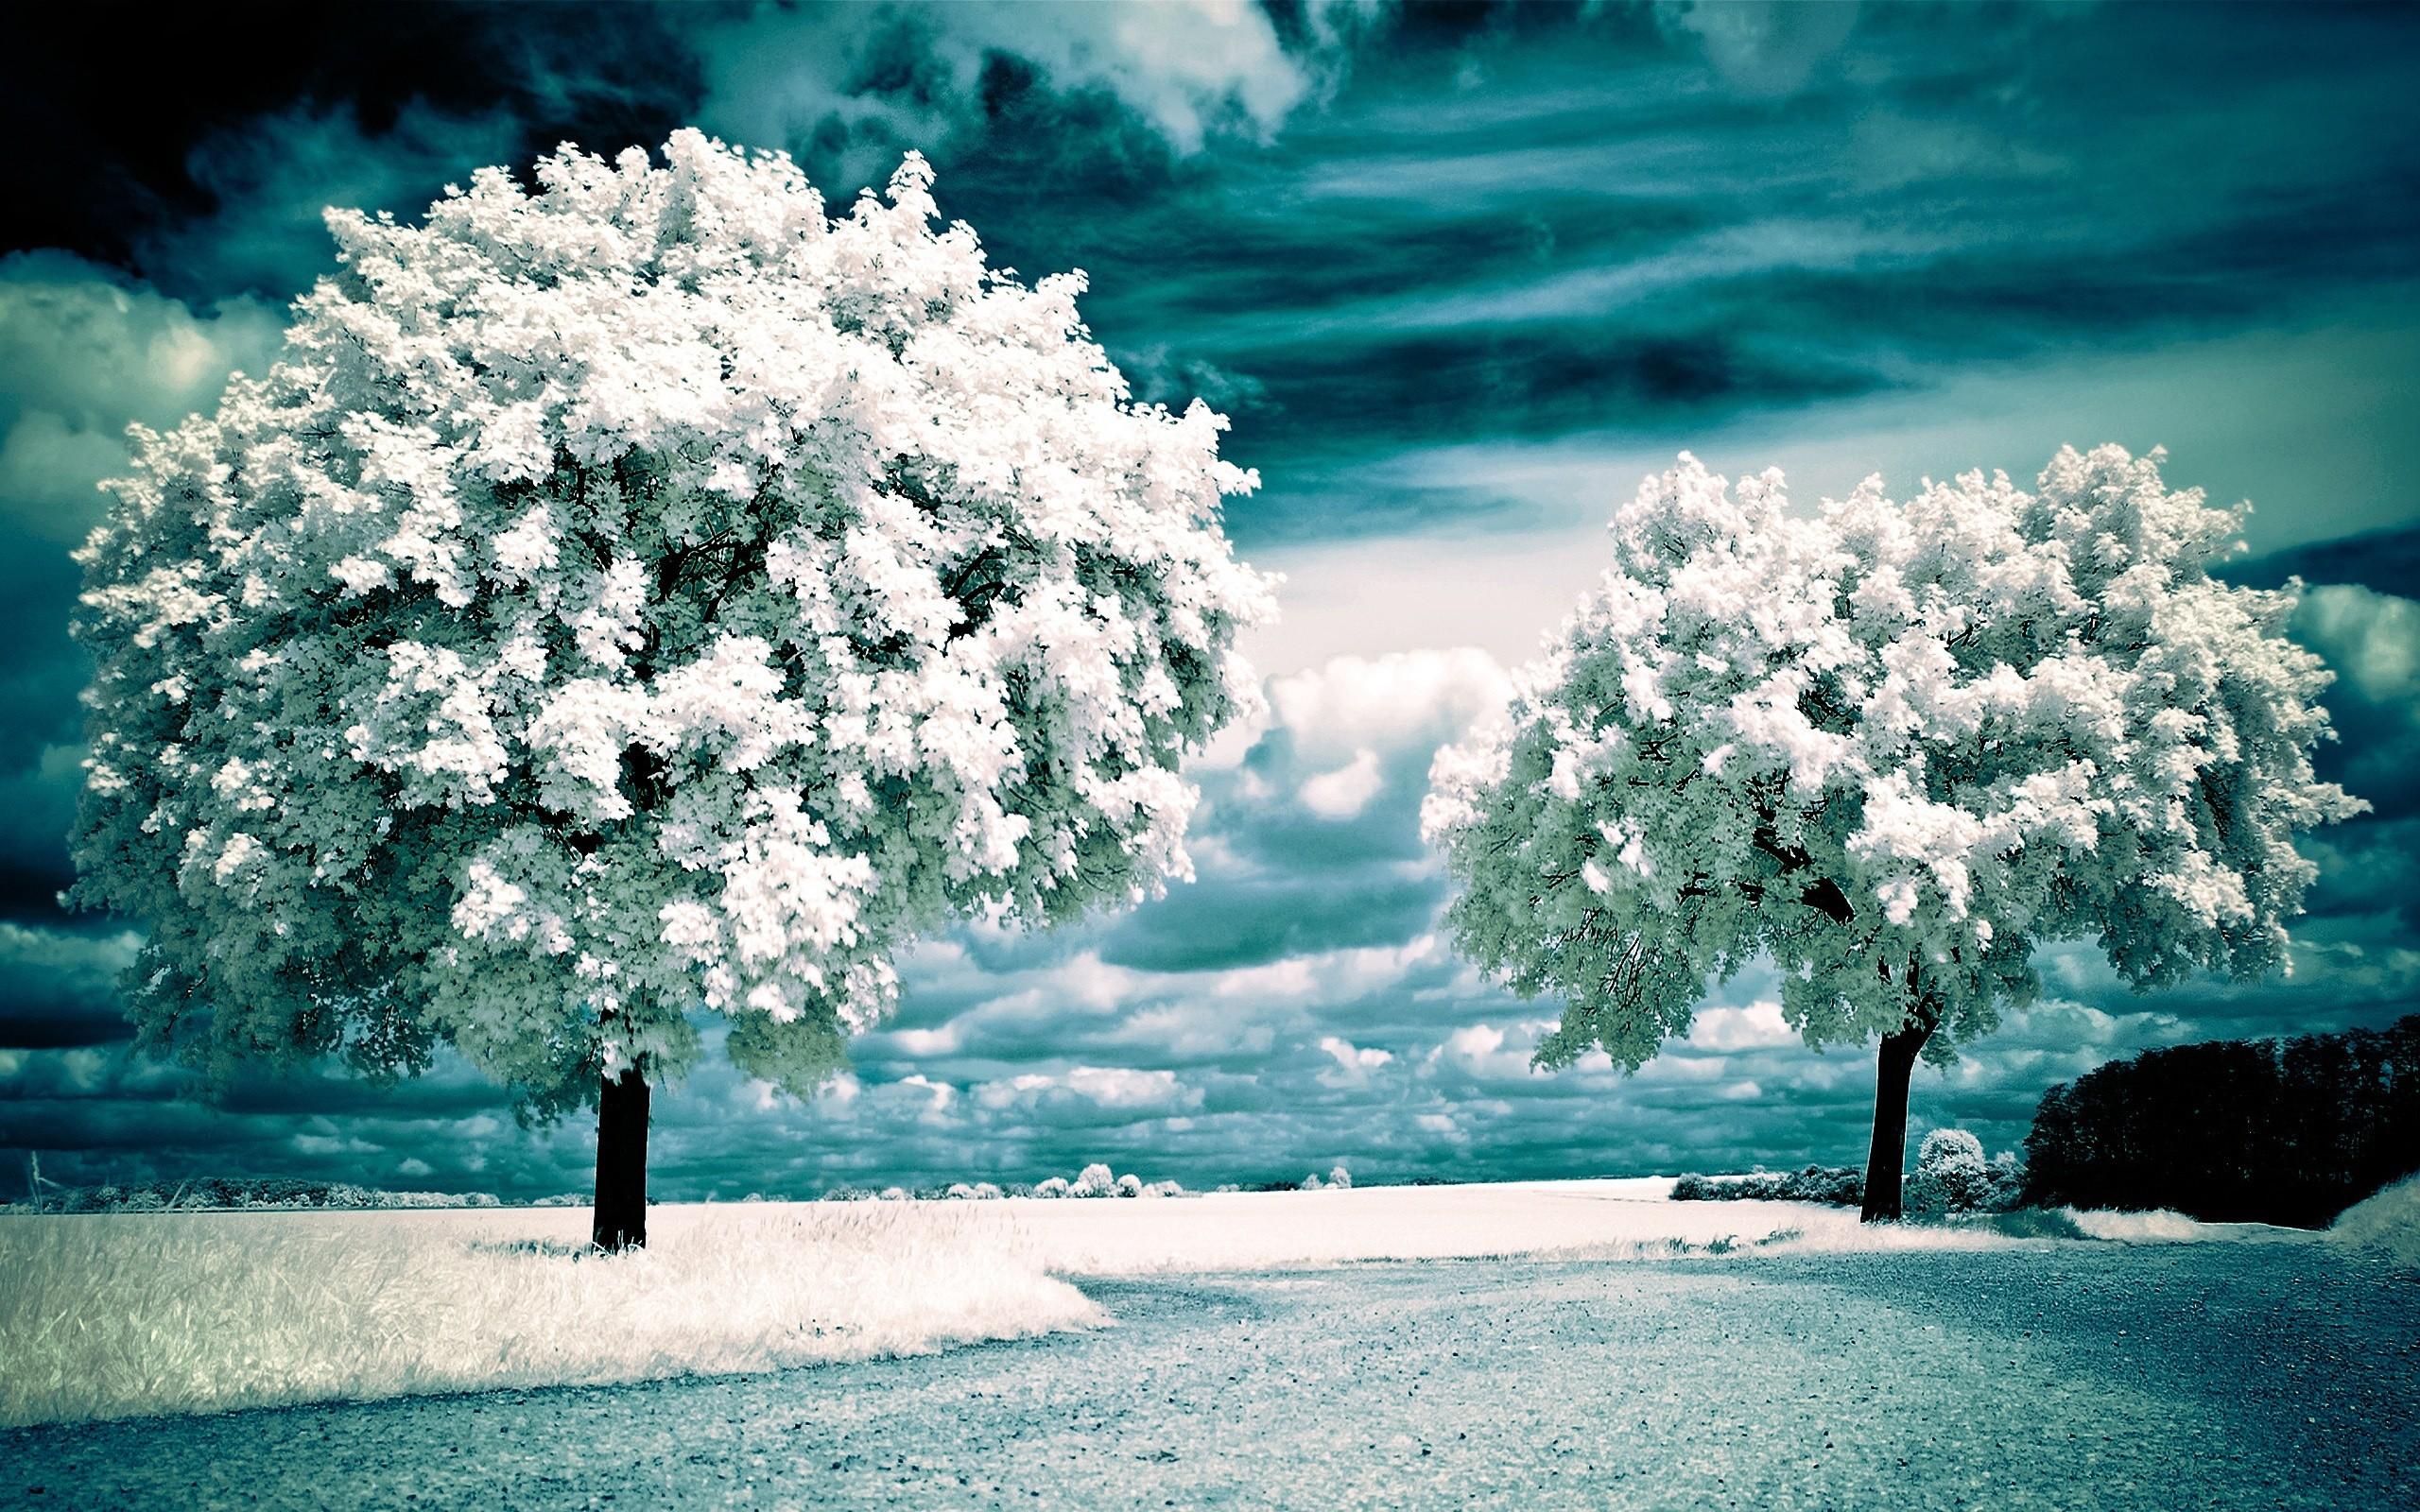 Earth – Scenic Snow Winter Wallpaper